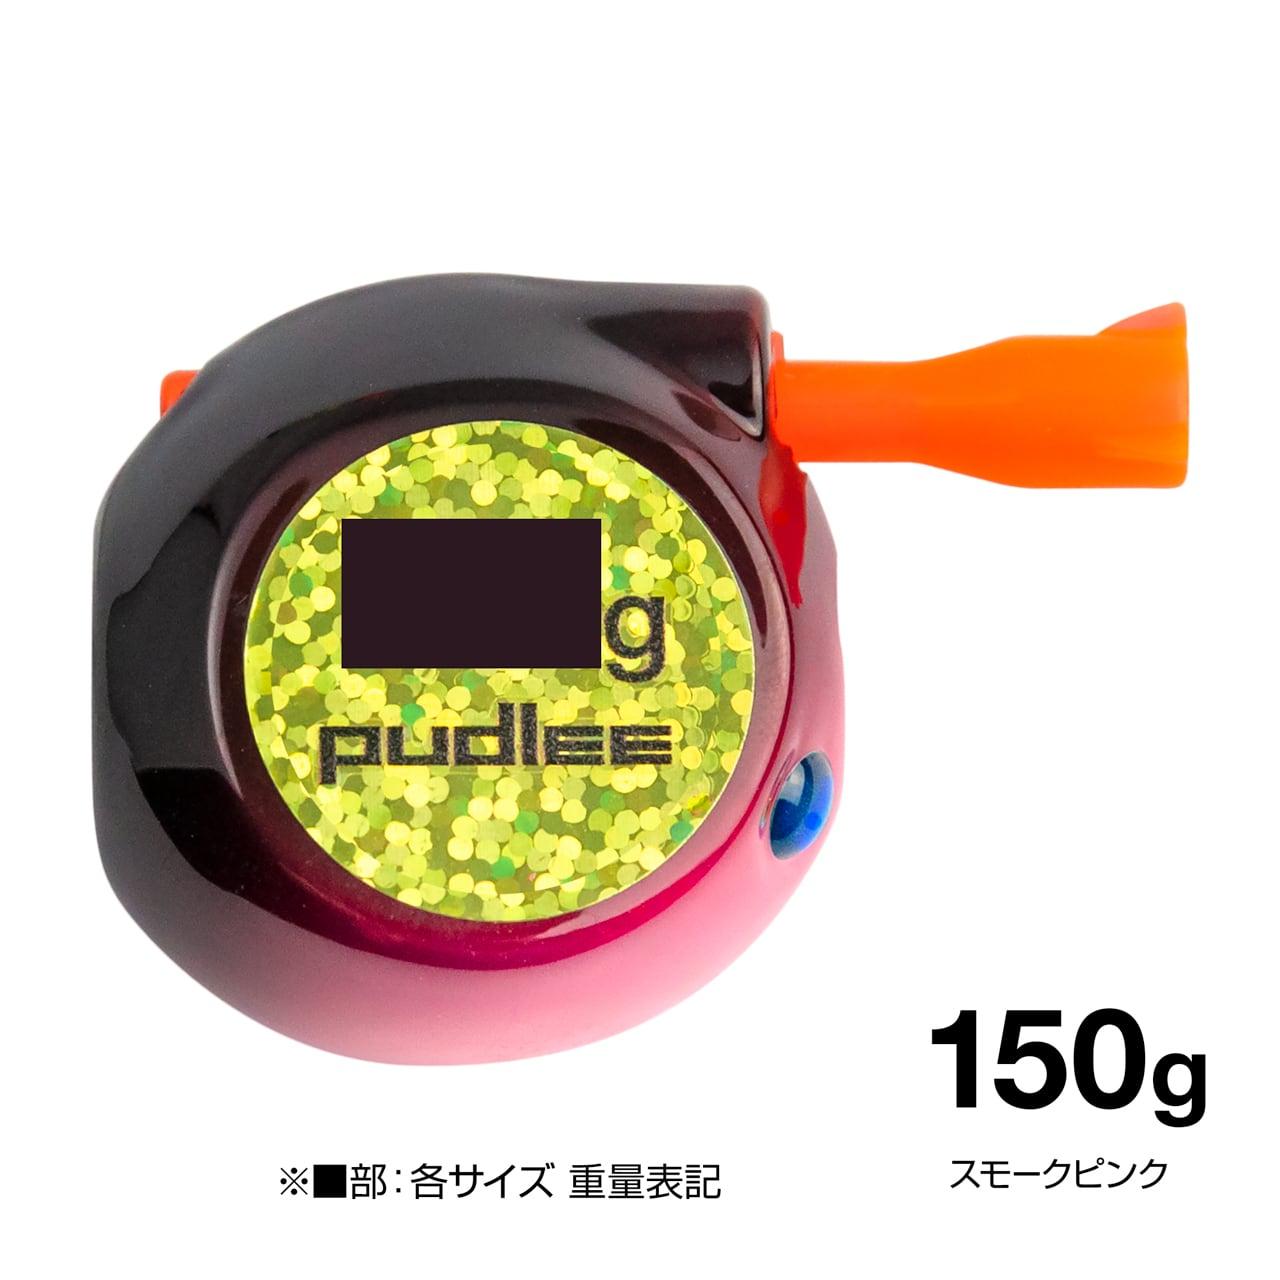 【釣りフェス限定販売】タイラバJET フラットサイド 150gスモークピンク